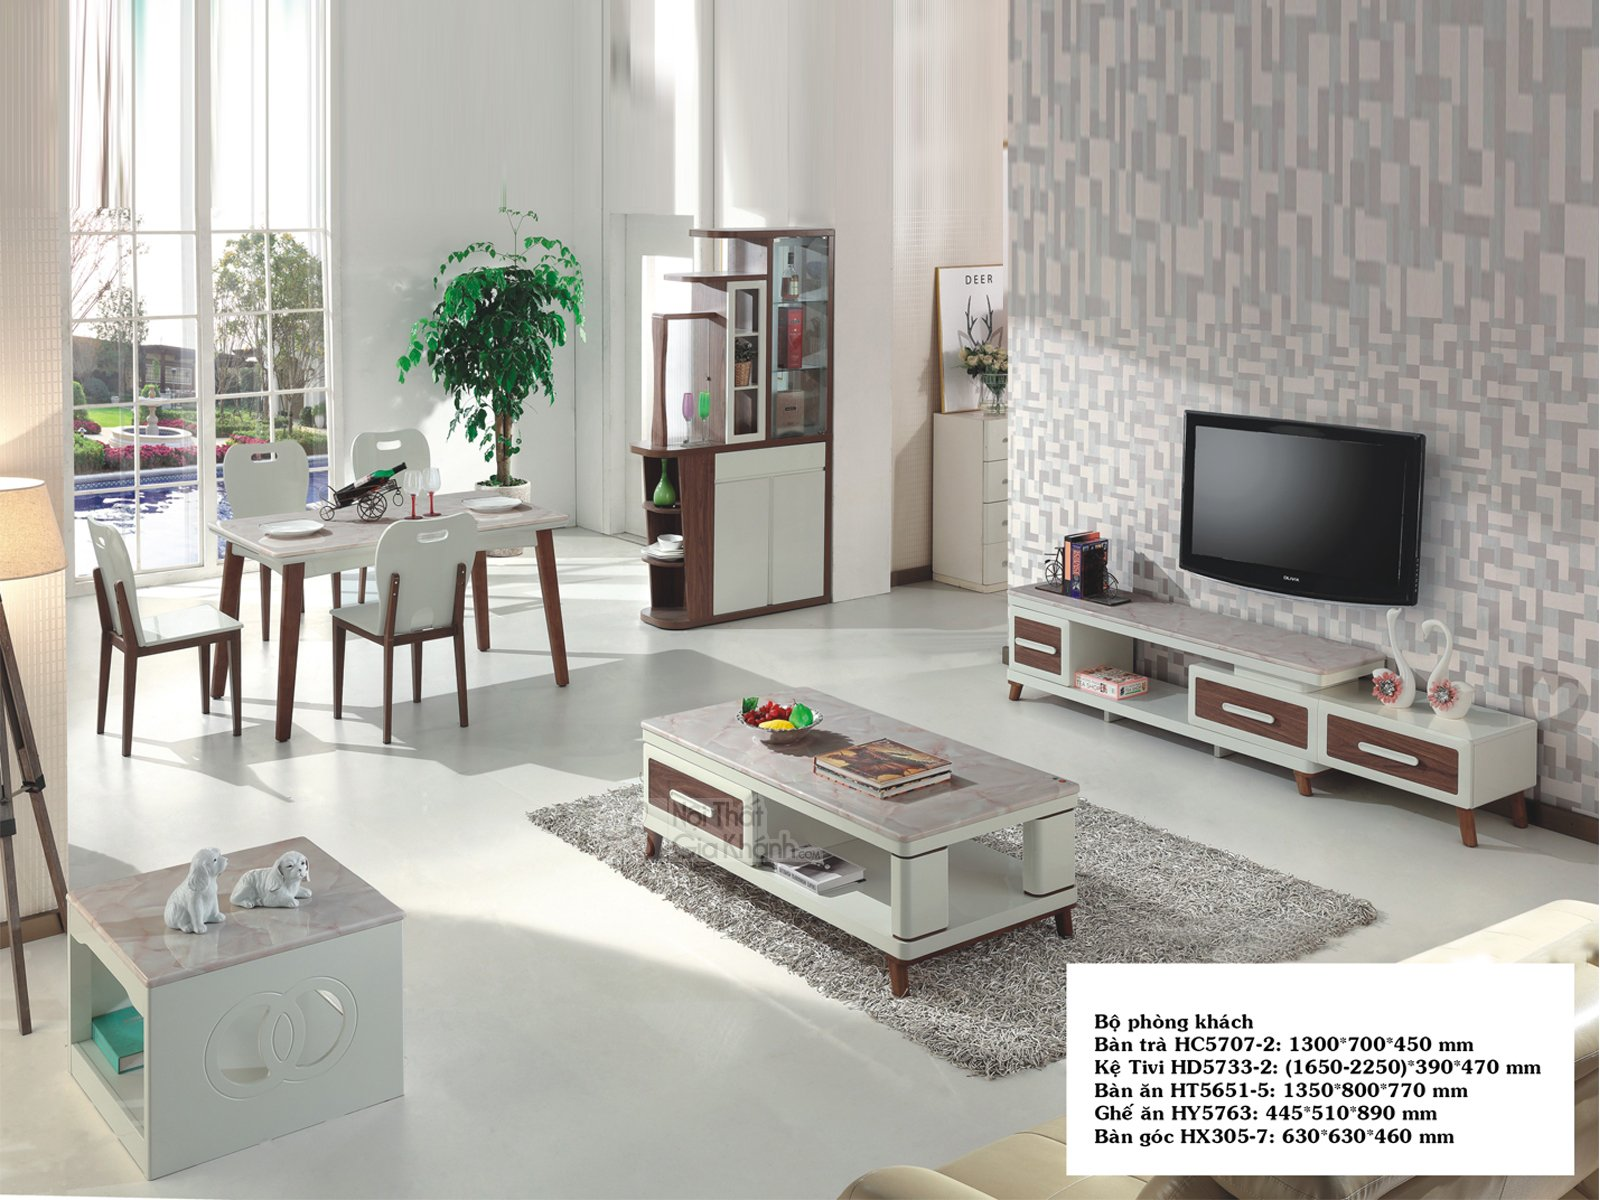 Bàn trà (Bàn Sofa) gỗ mặt đá 1m3 hiện đại cao cấp HC5707-2 - HC5707HC5707 2 HD5733HD5733 2 HT5651HT5651 5 HX305HX305 7 HY5763 HJ5770